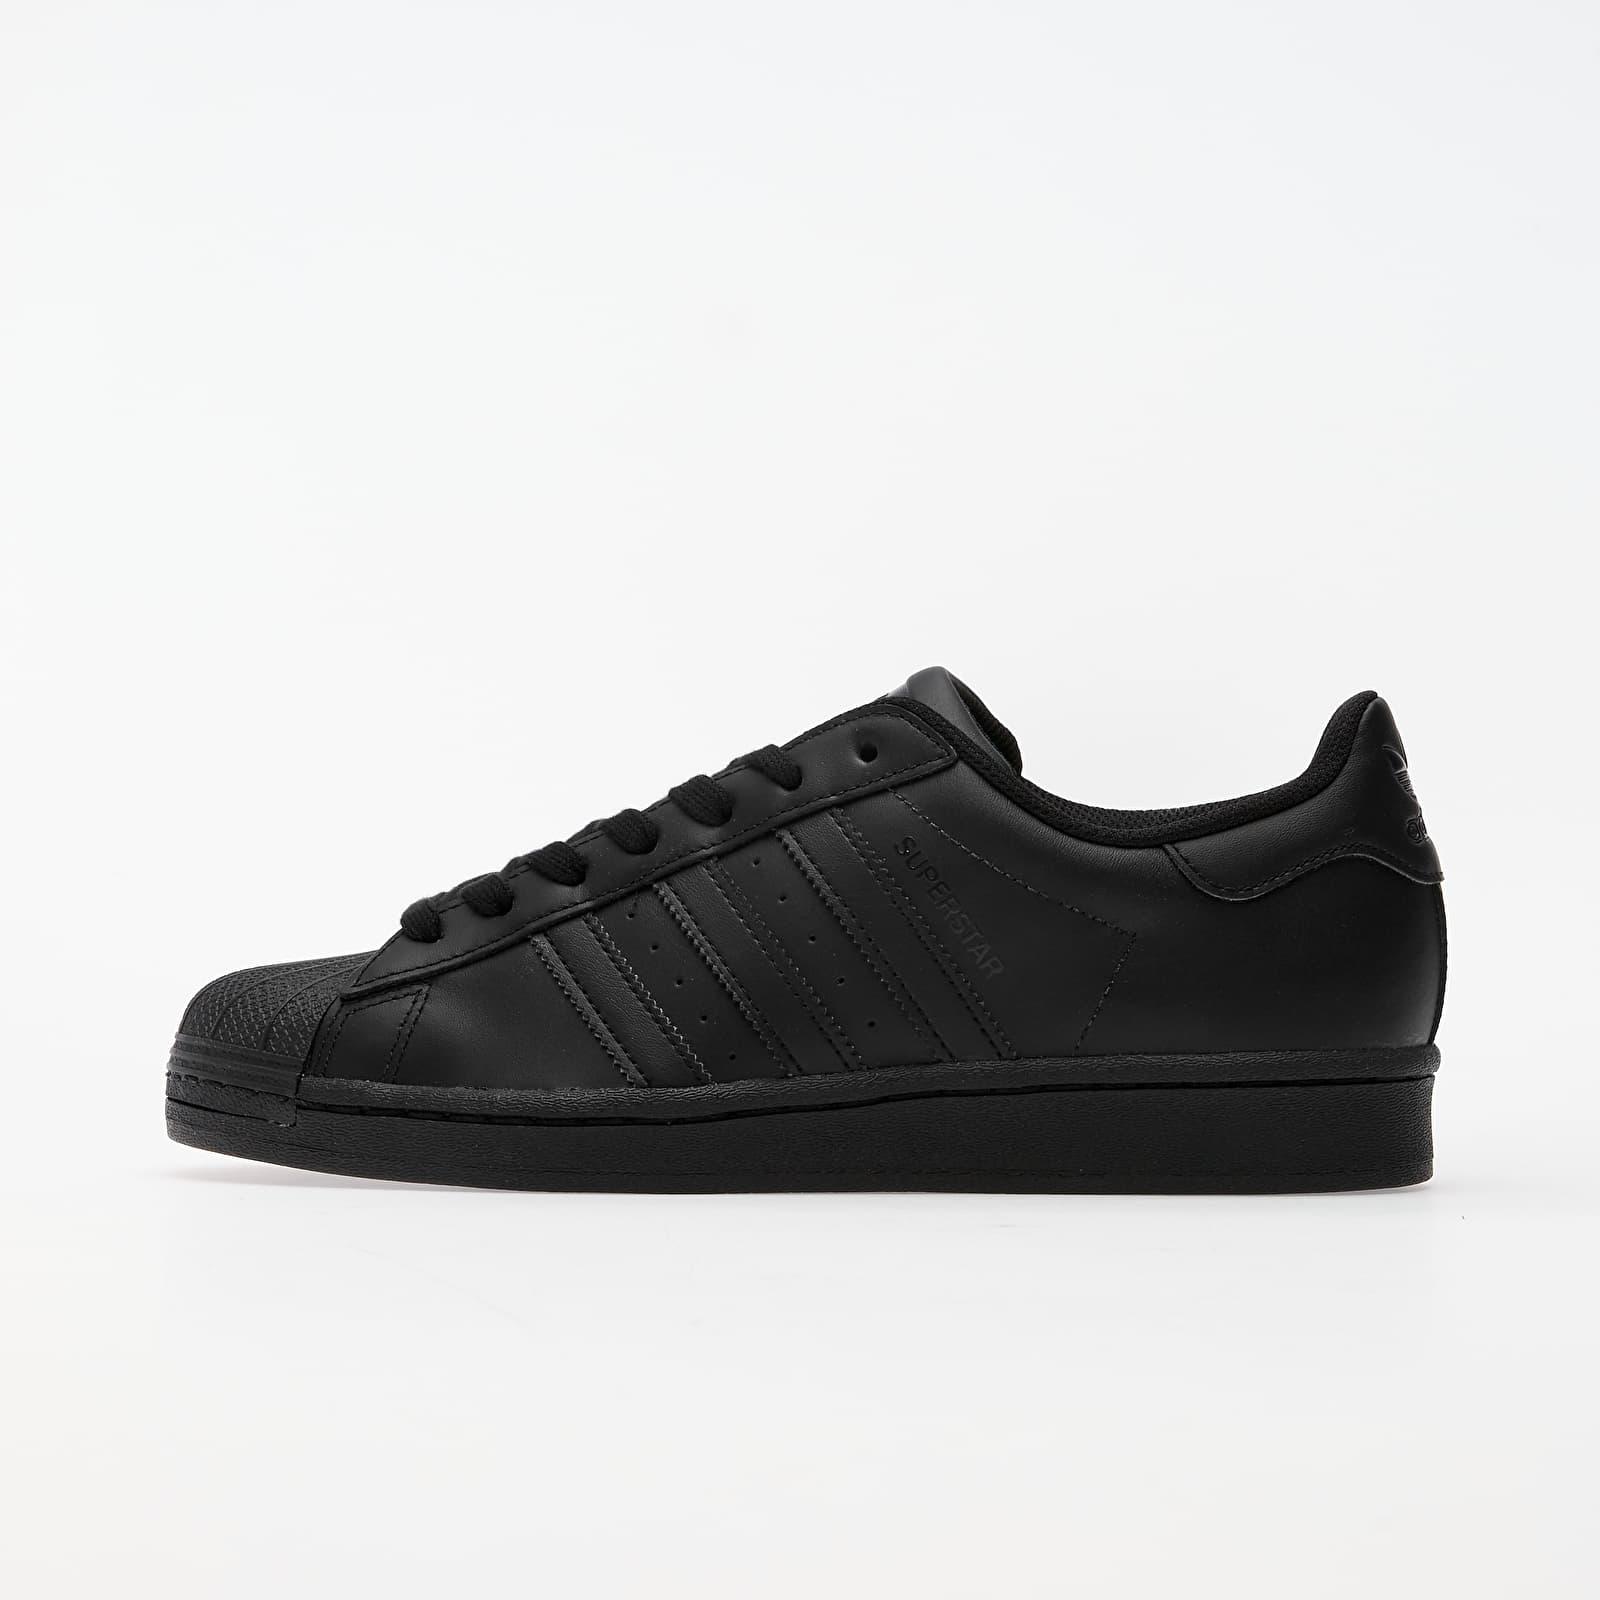 Zapatillas Hombre adidas Superstar Core Black/ Core Black/ Core Black